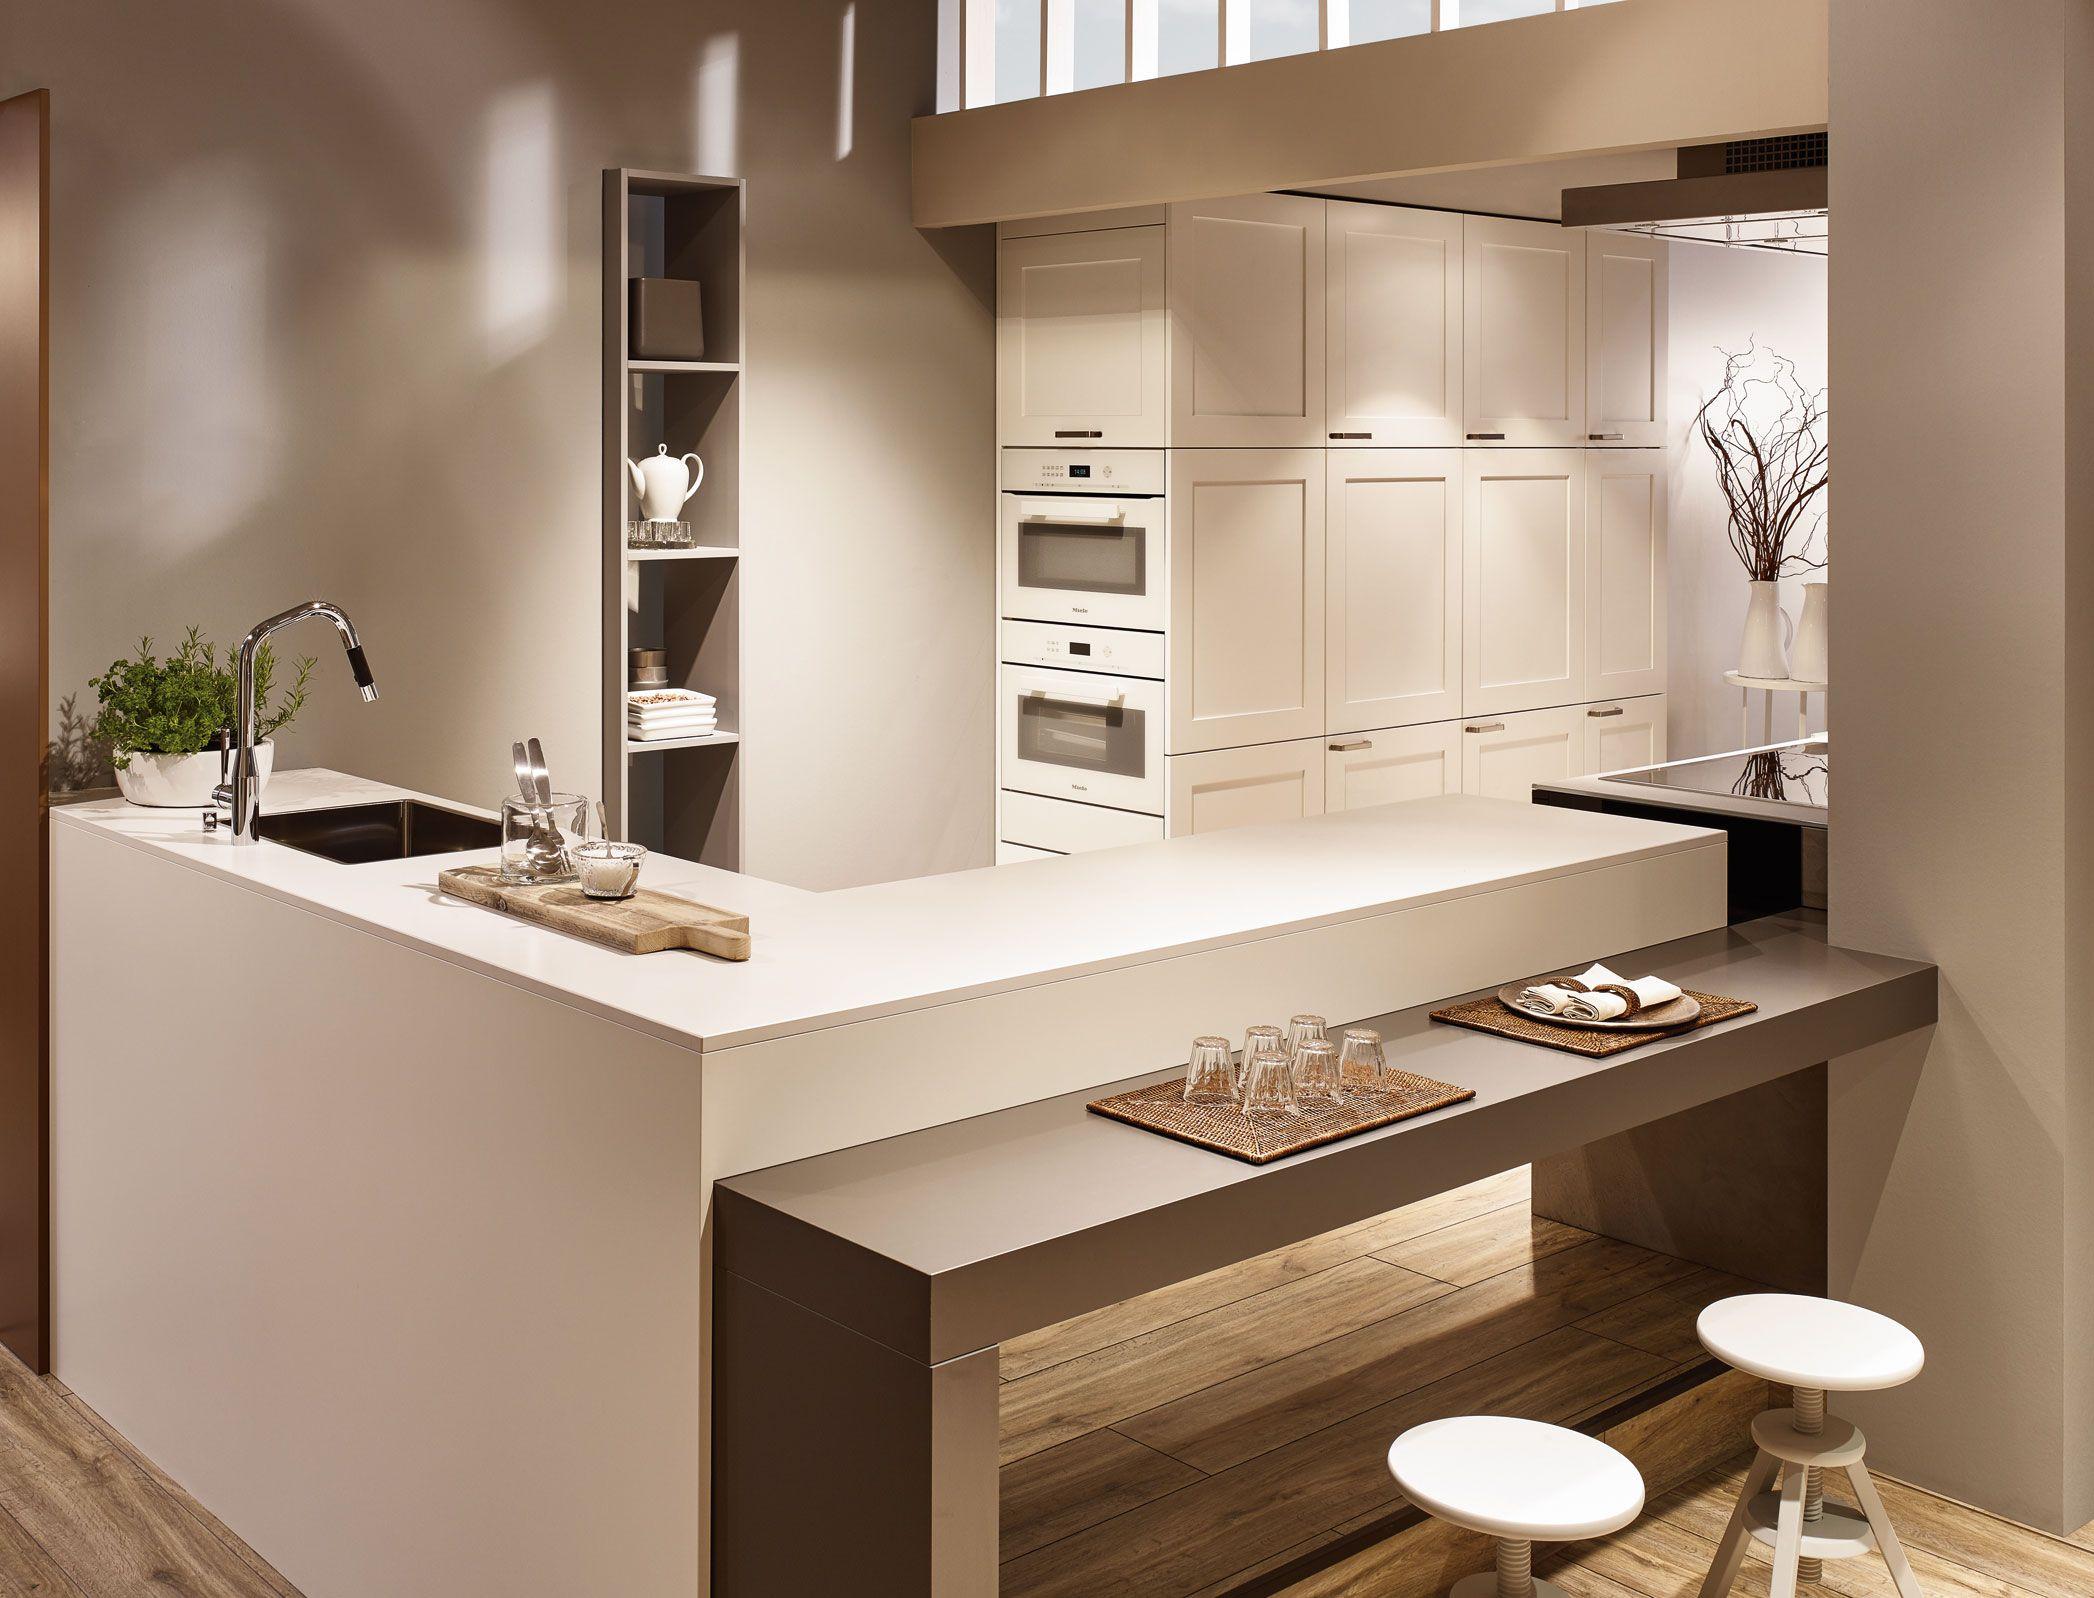 kh k che seidenmatt lackiert verkehrsweiss beton grau kh kitchen silky matt lacquered. Black Bedroom Furniture Sets. Home Design Ideas